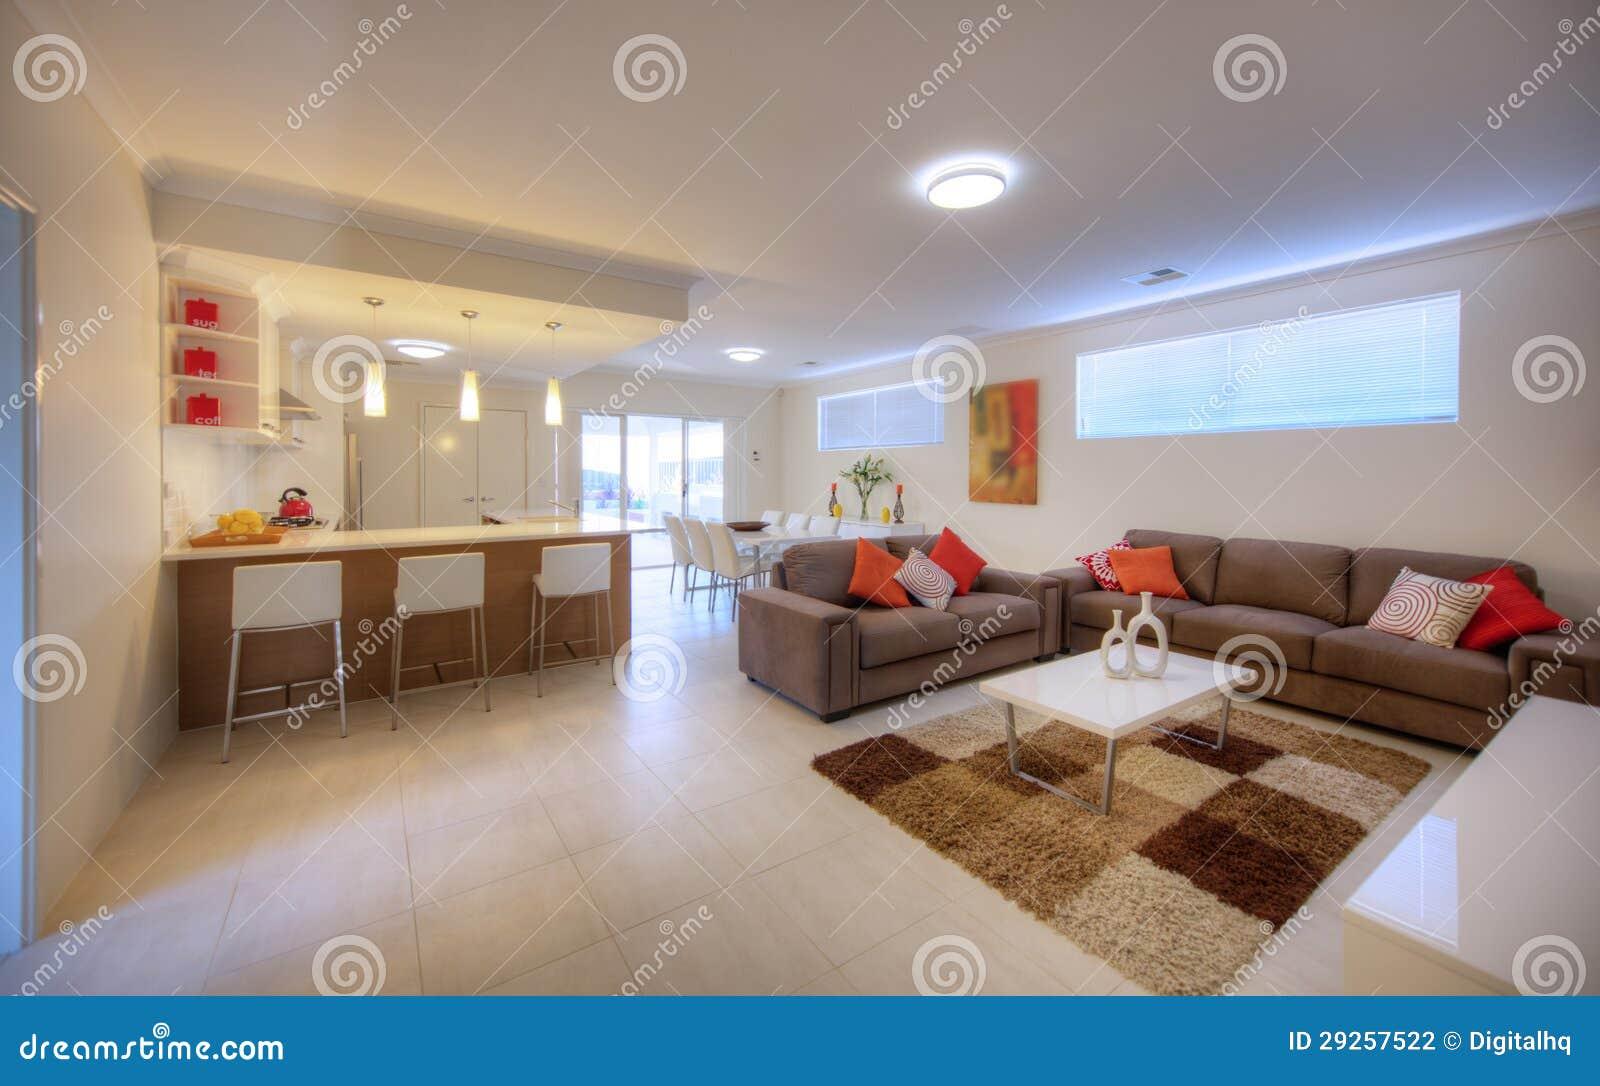 Moderne woonkamer met bruine bank stock foto's– 91 moderne ...